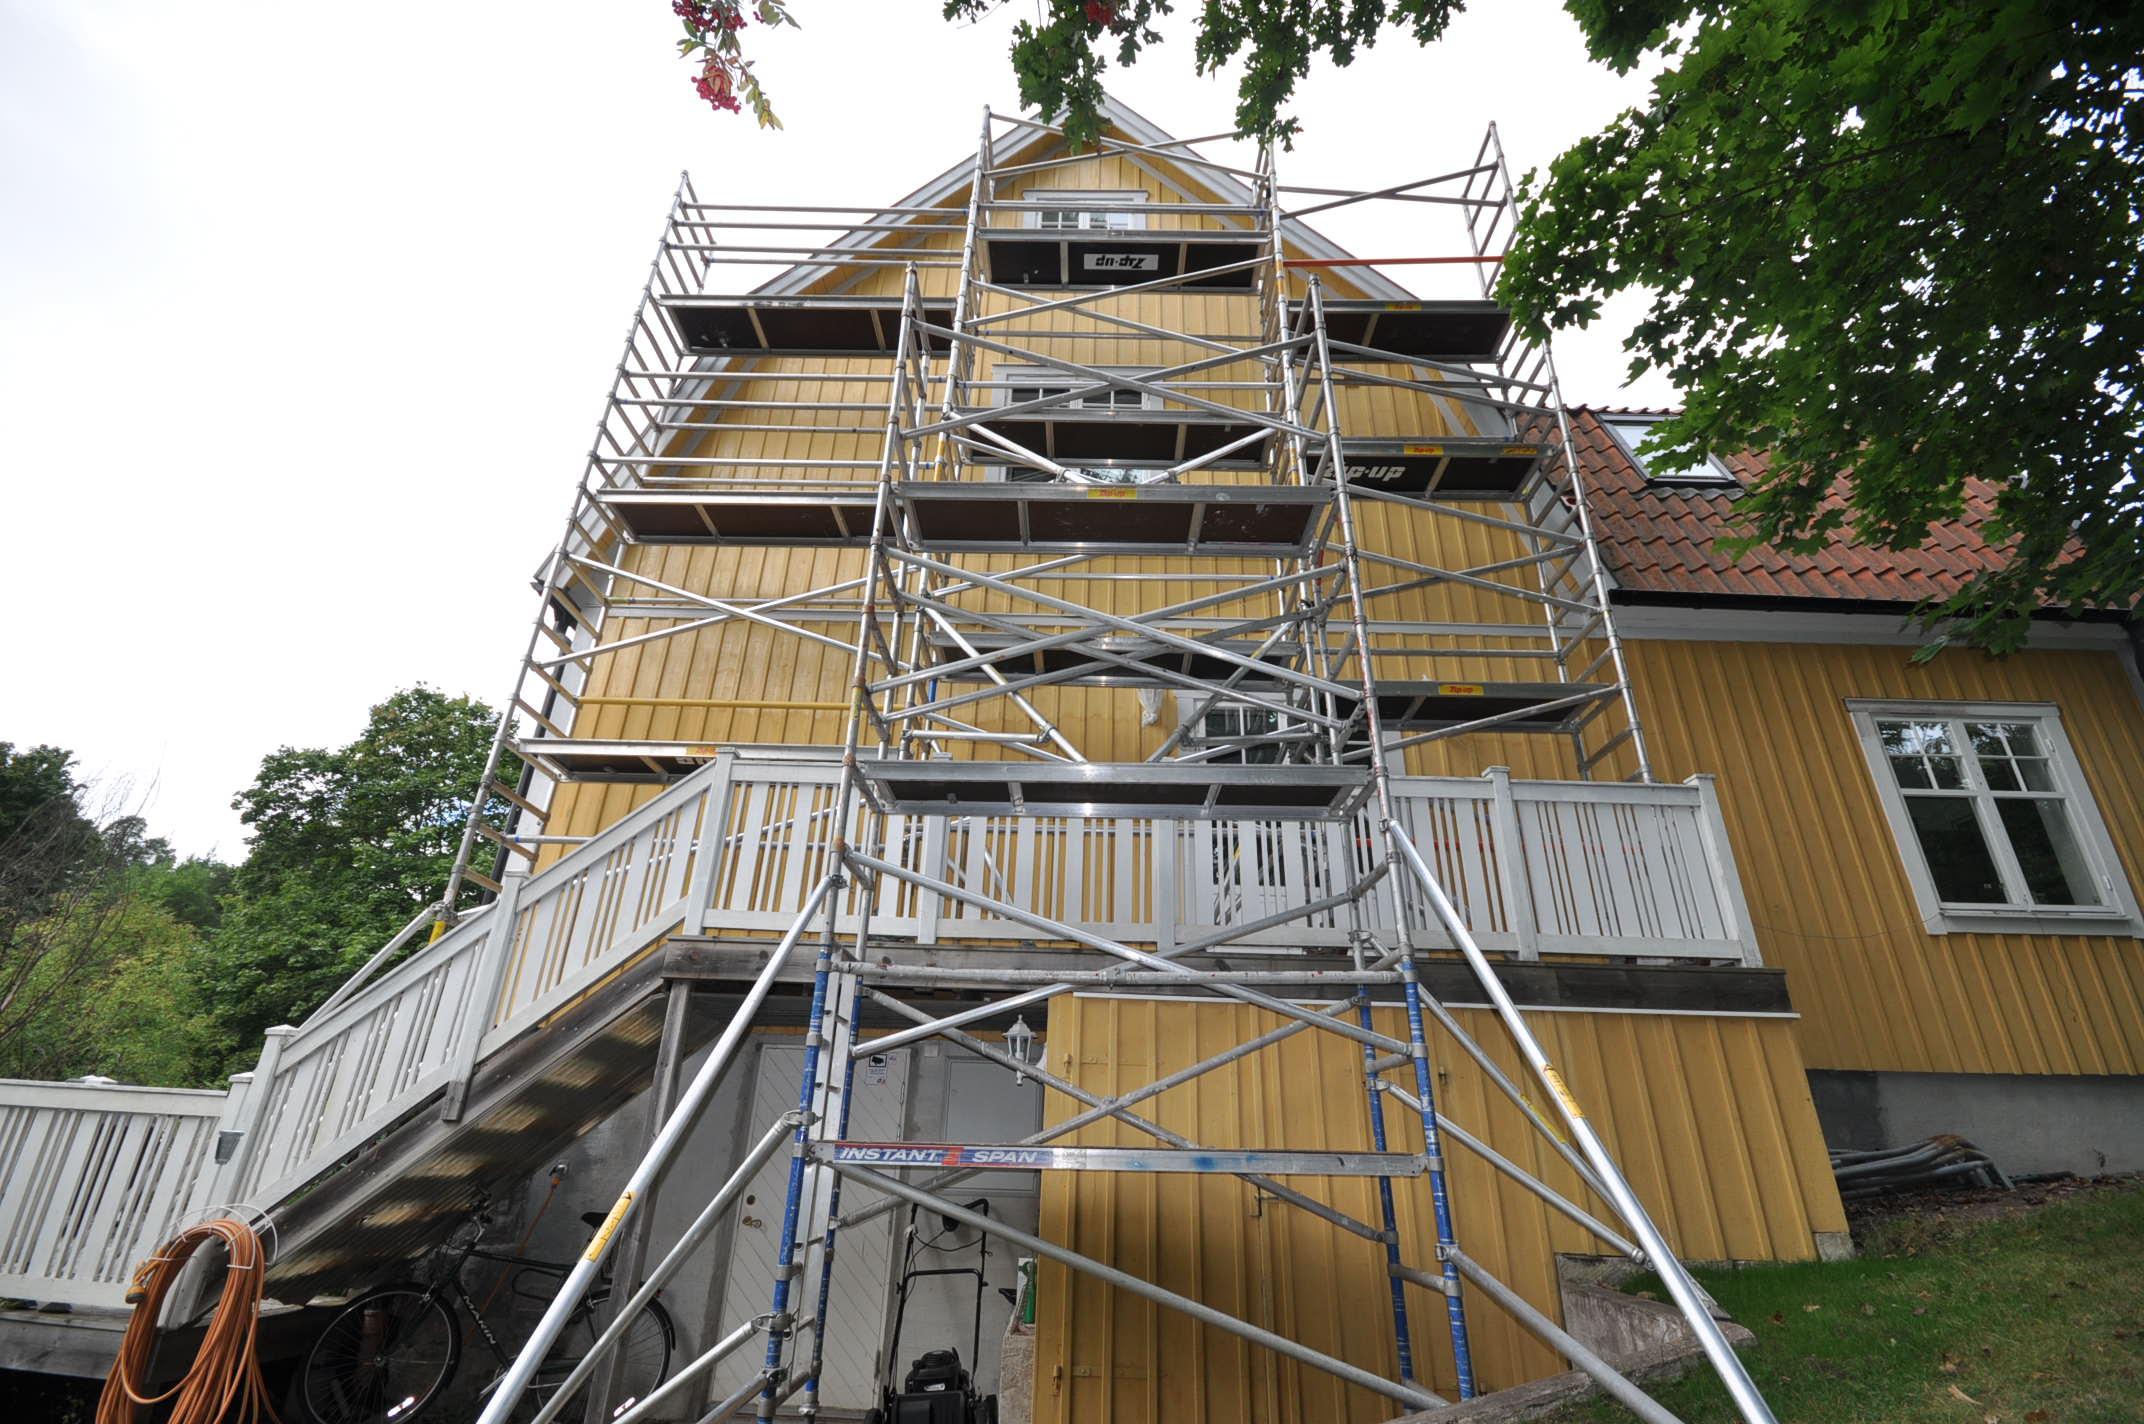 Hyr byggställning Stockholm (3)